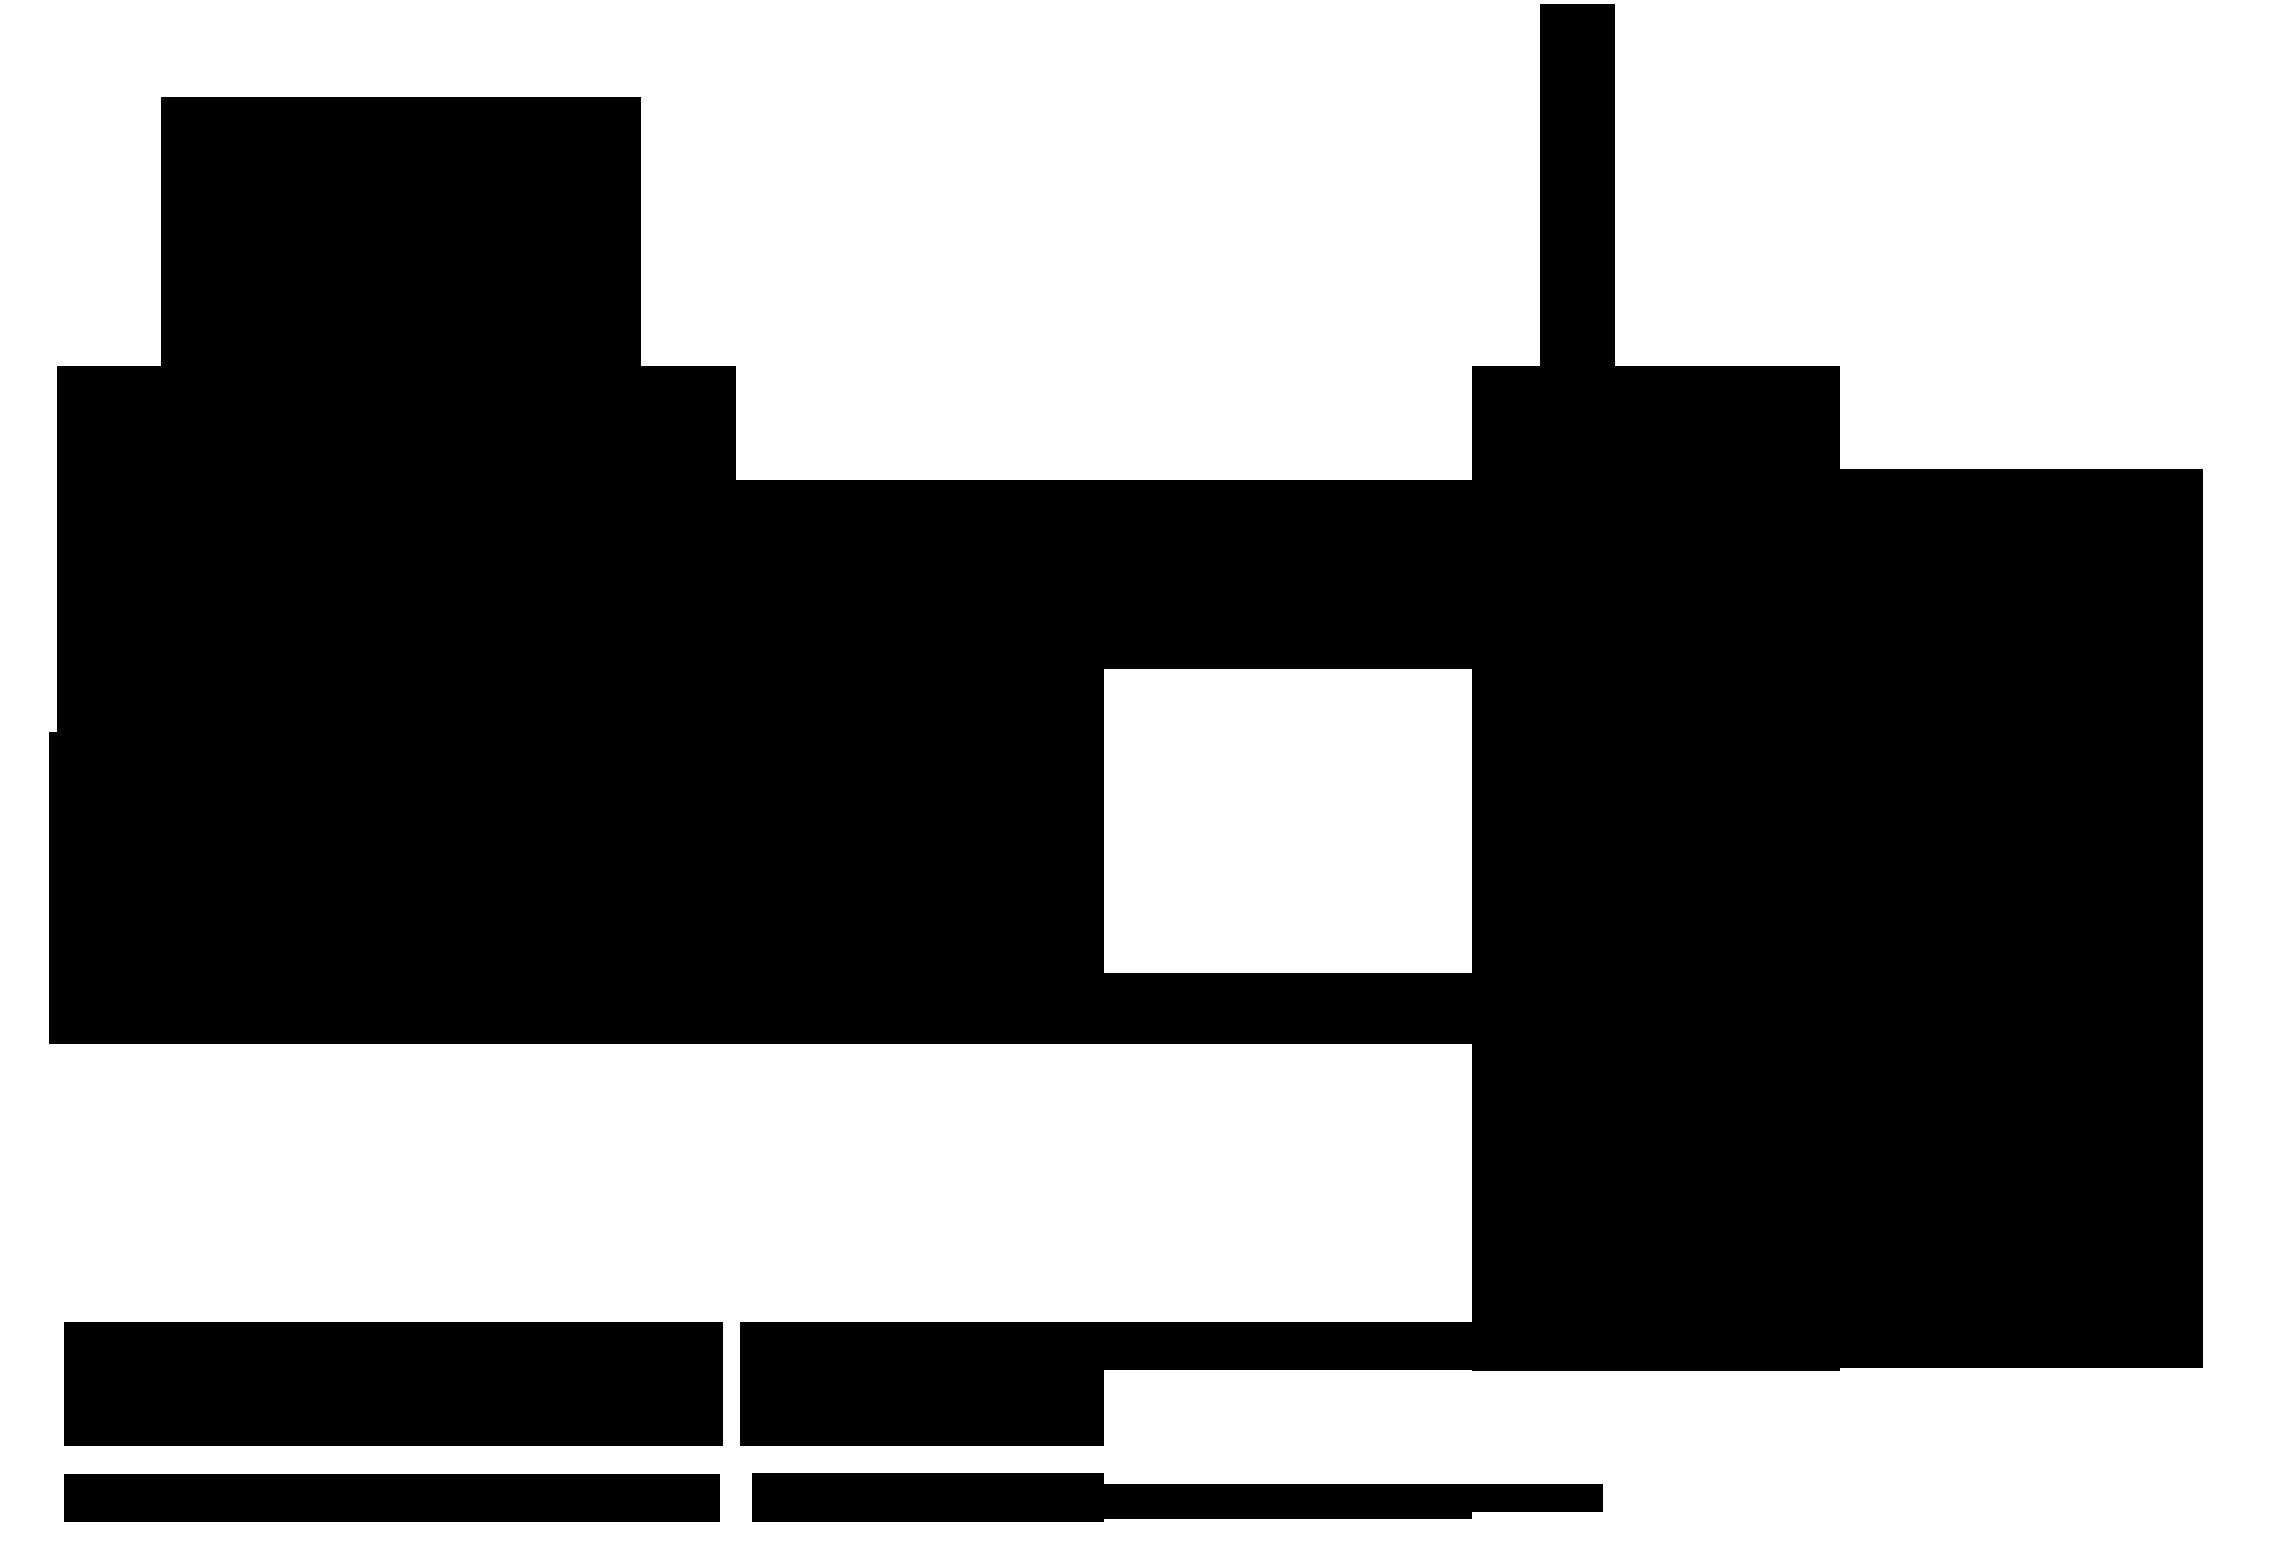 электро котёл подключения схема